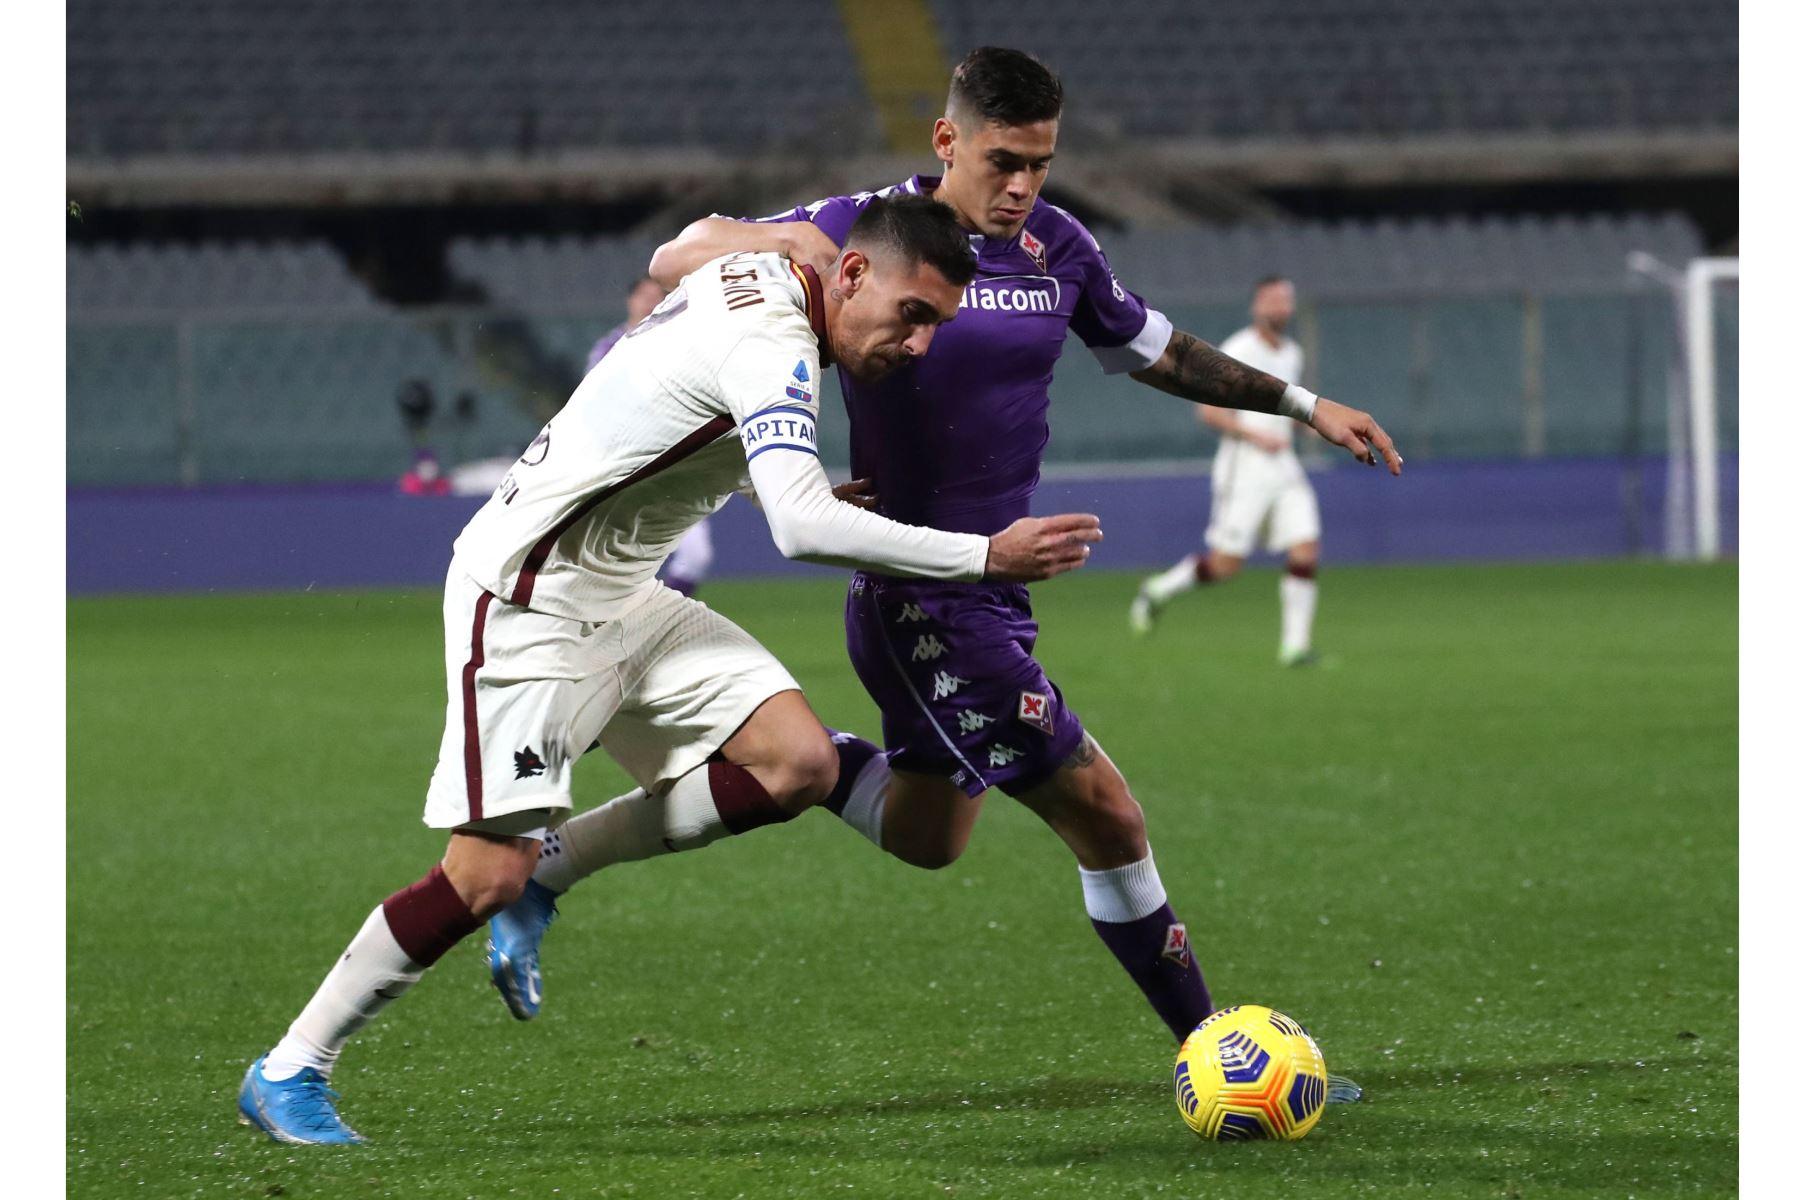 El centrocampista de la Roma Lorenzo Pellegrini compite por el balón con el defensor de la Fiorentina Lucas Martínez Quarta durante el partido de fútbol de la Serie A. Foto. EFE